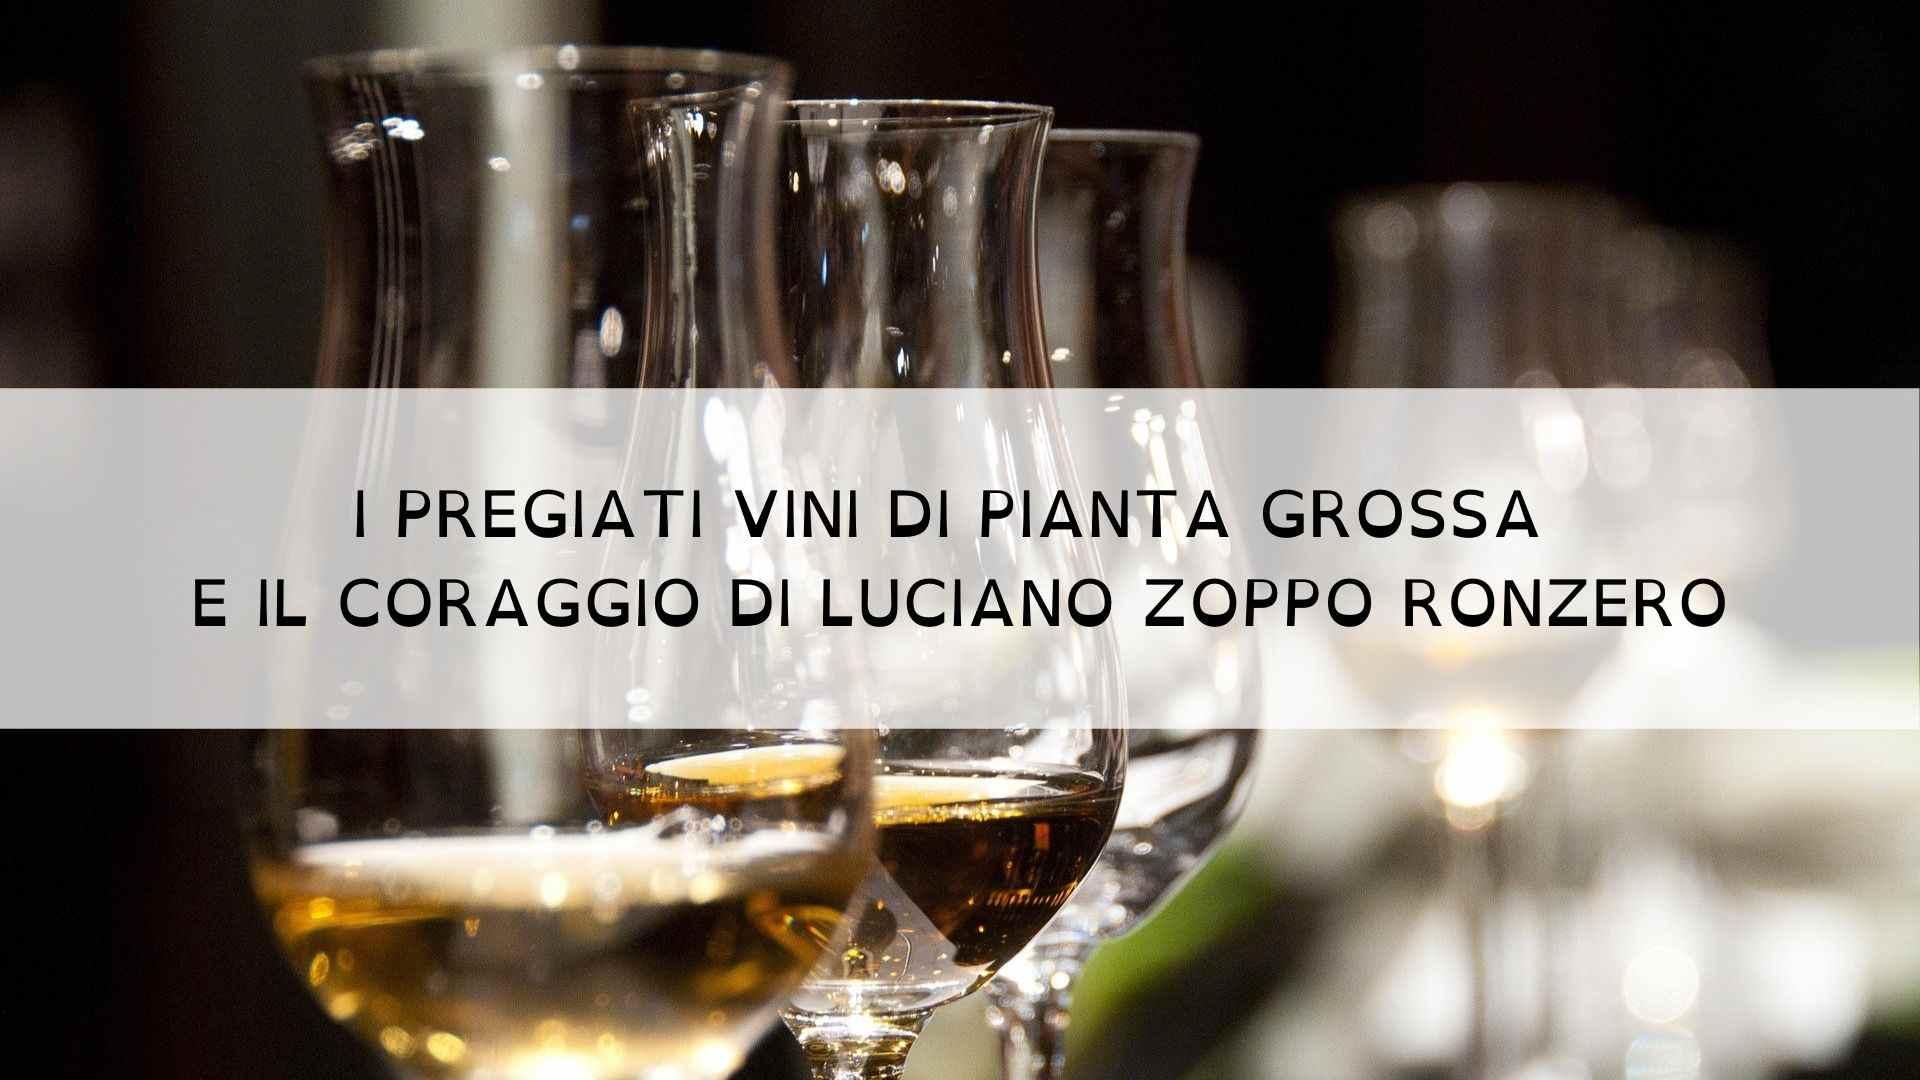 I pregiati vini di Pianta Grossa e il coraggio di Luciano Zoppo Ronzero